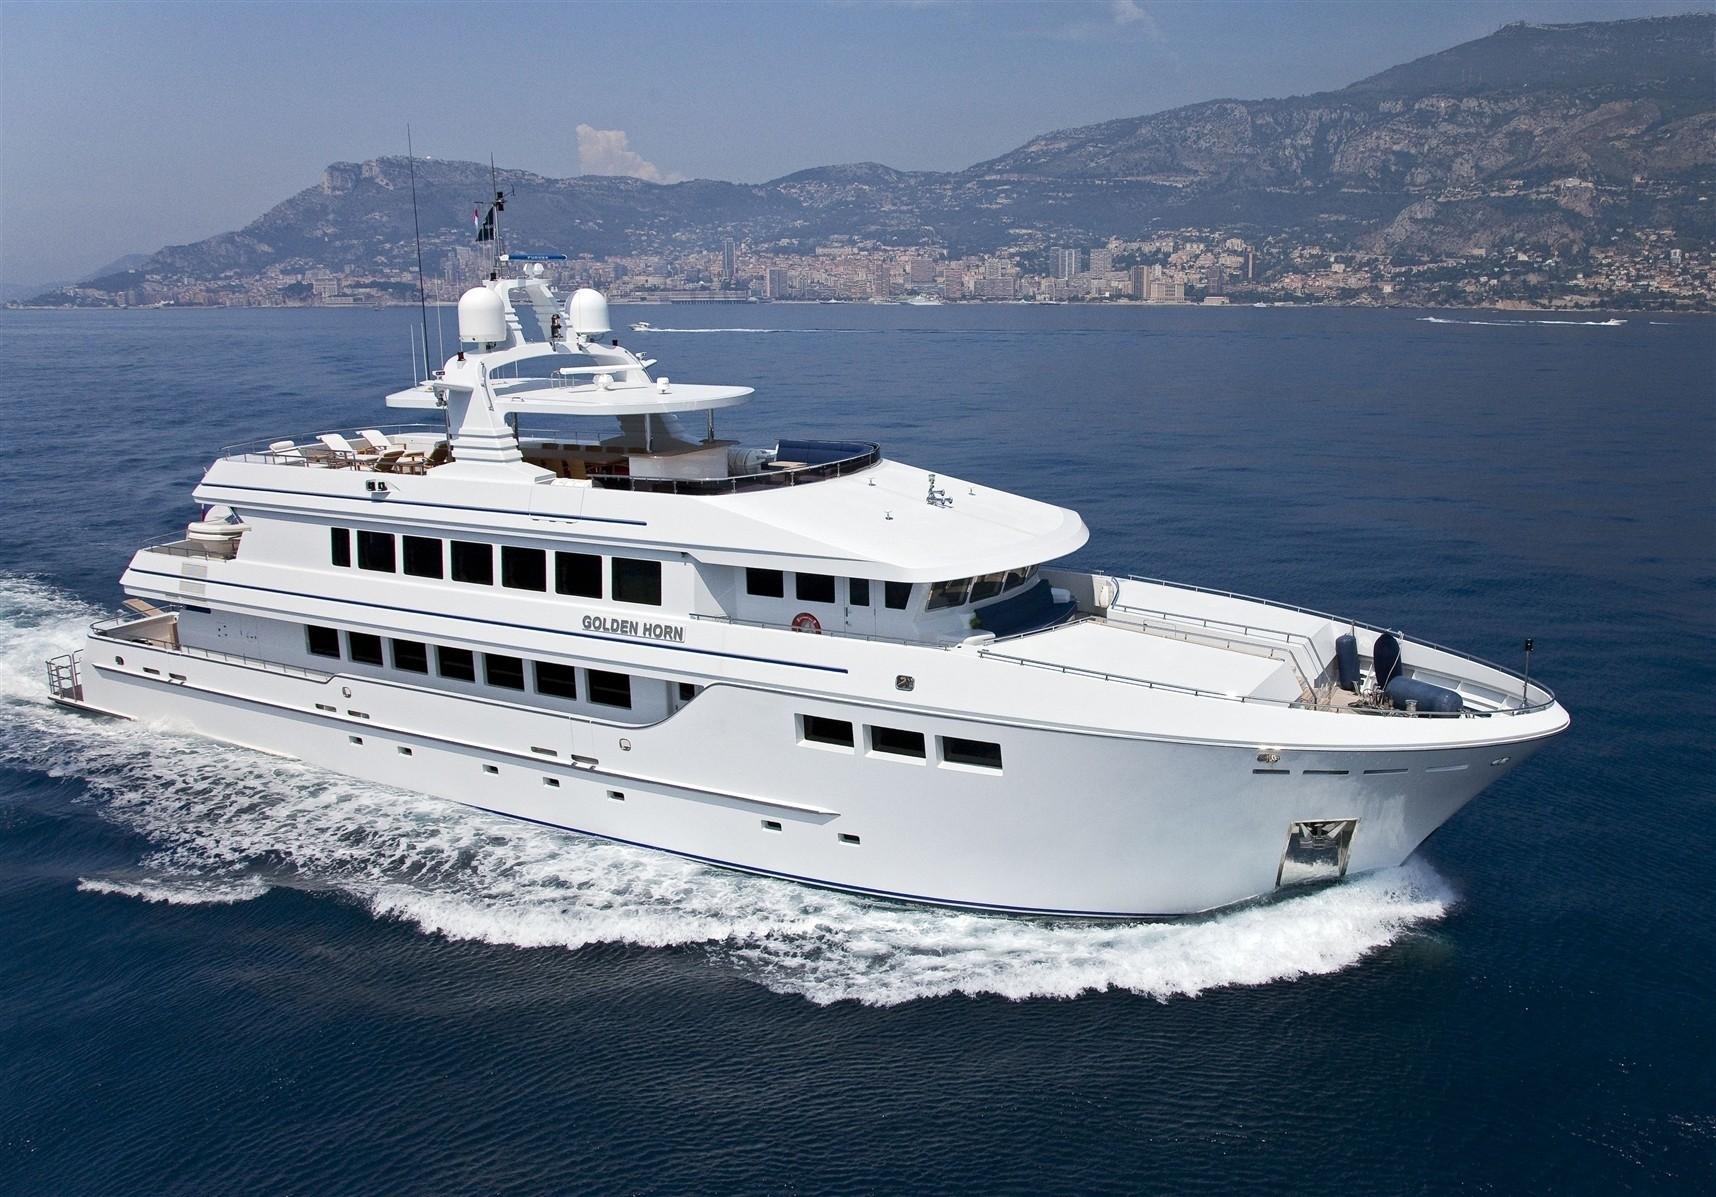 Cruising Aboard Yacht GOLDEN HORN